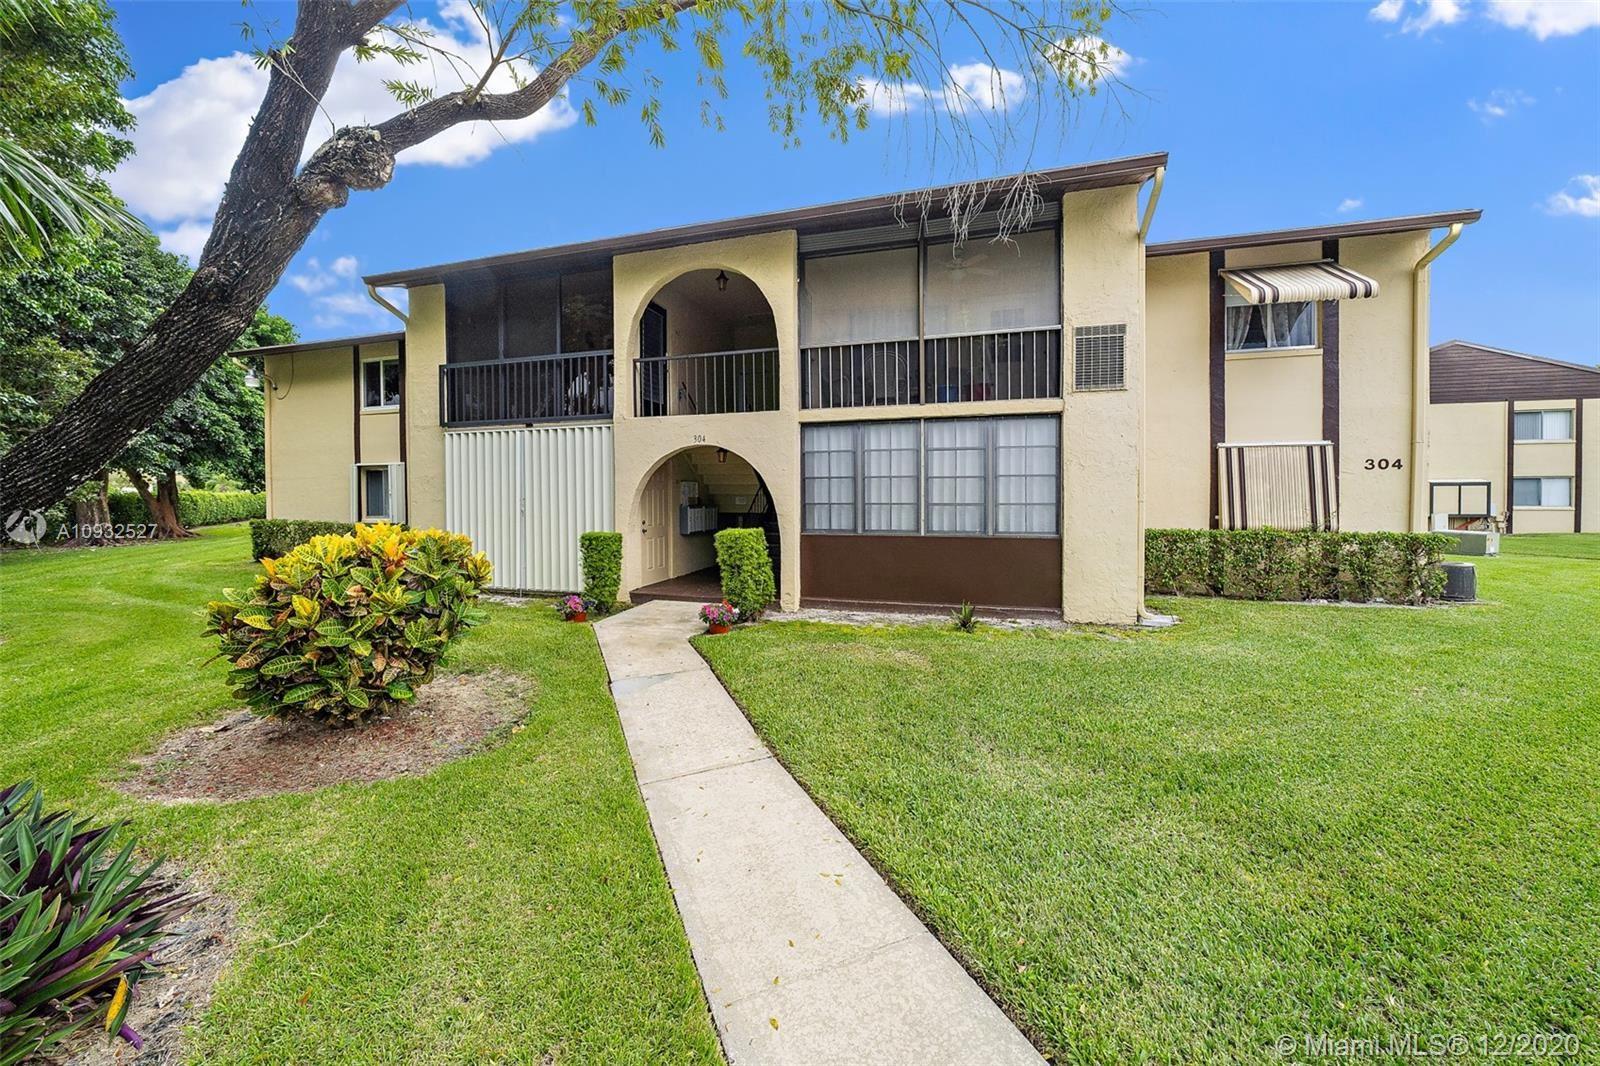 304 Pine Ridge Circle #A-2, Greenacres, FL 33463 - #: A10932527